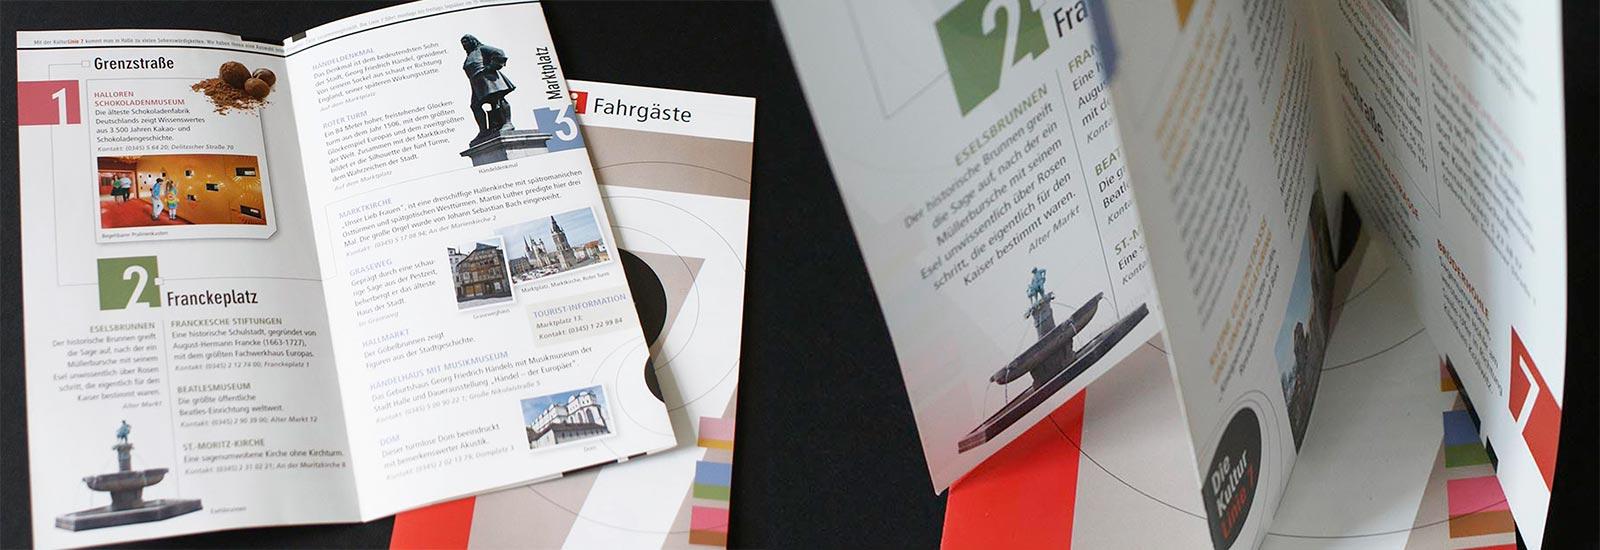 kathrin, krasselt, mediendesign, grafik, grafiker, leipzig, werbung, webdesign, logo, corporate, design, havag, flyer